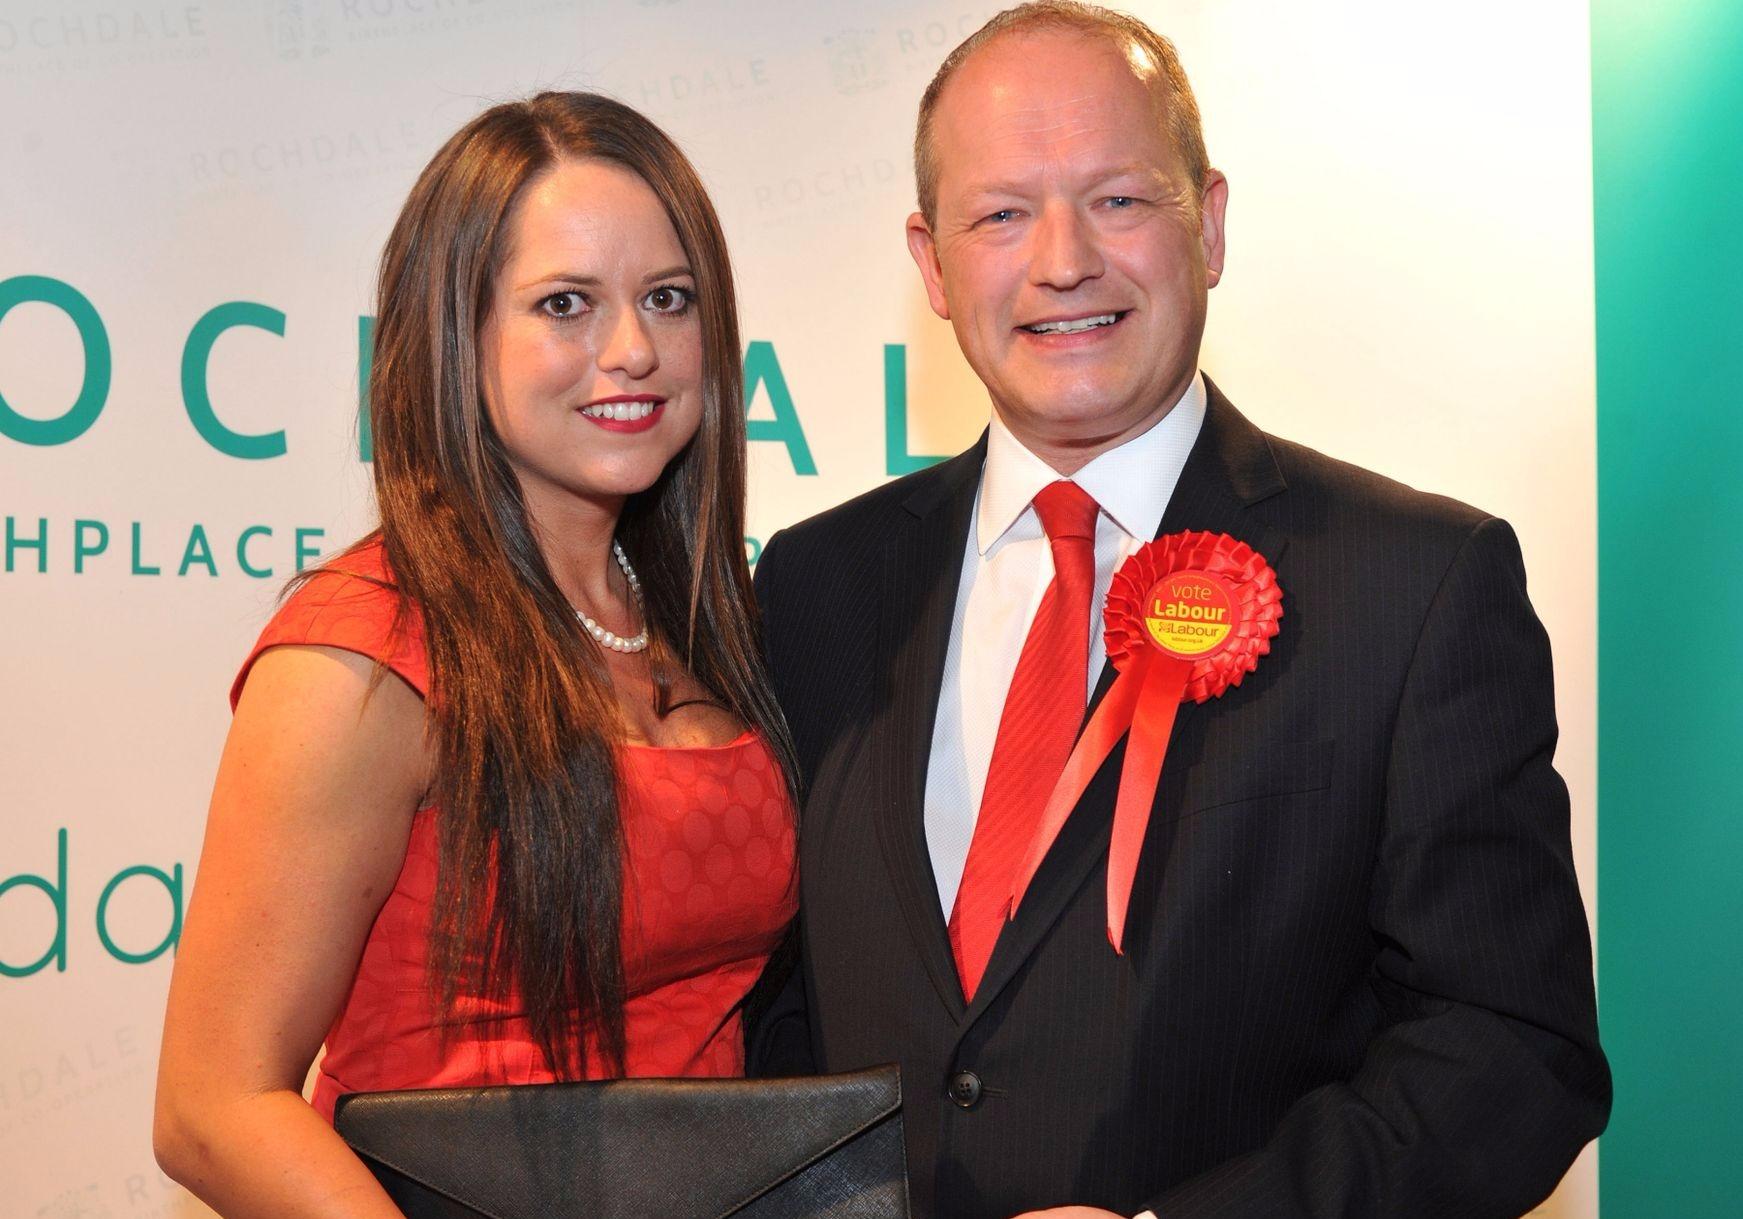 Karen Danczuk and husband MP Simon Danczuk attend an event